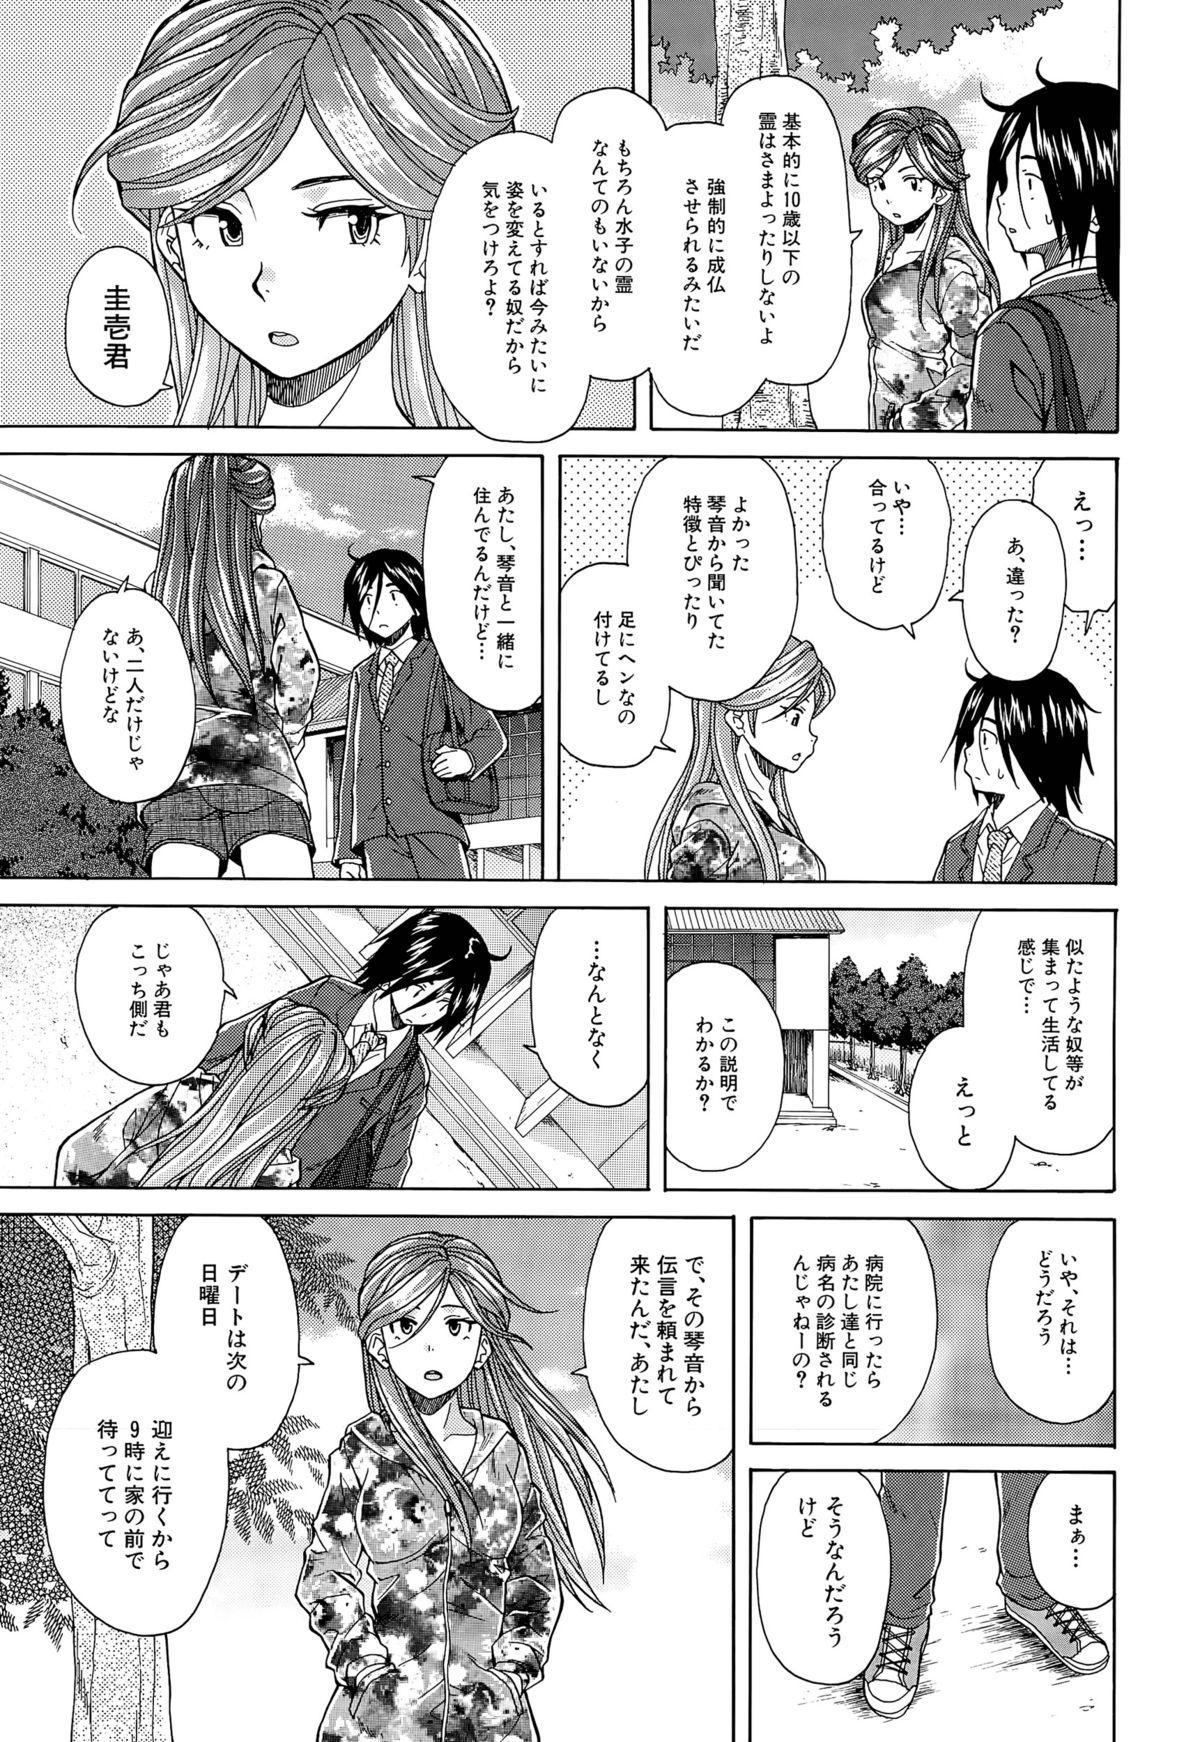 Boku to Kanojo to Yuurei to Ch. 1-3 64